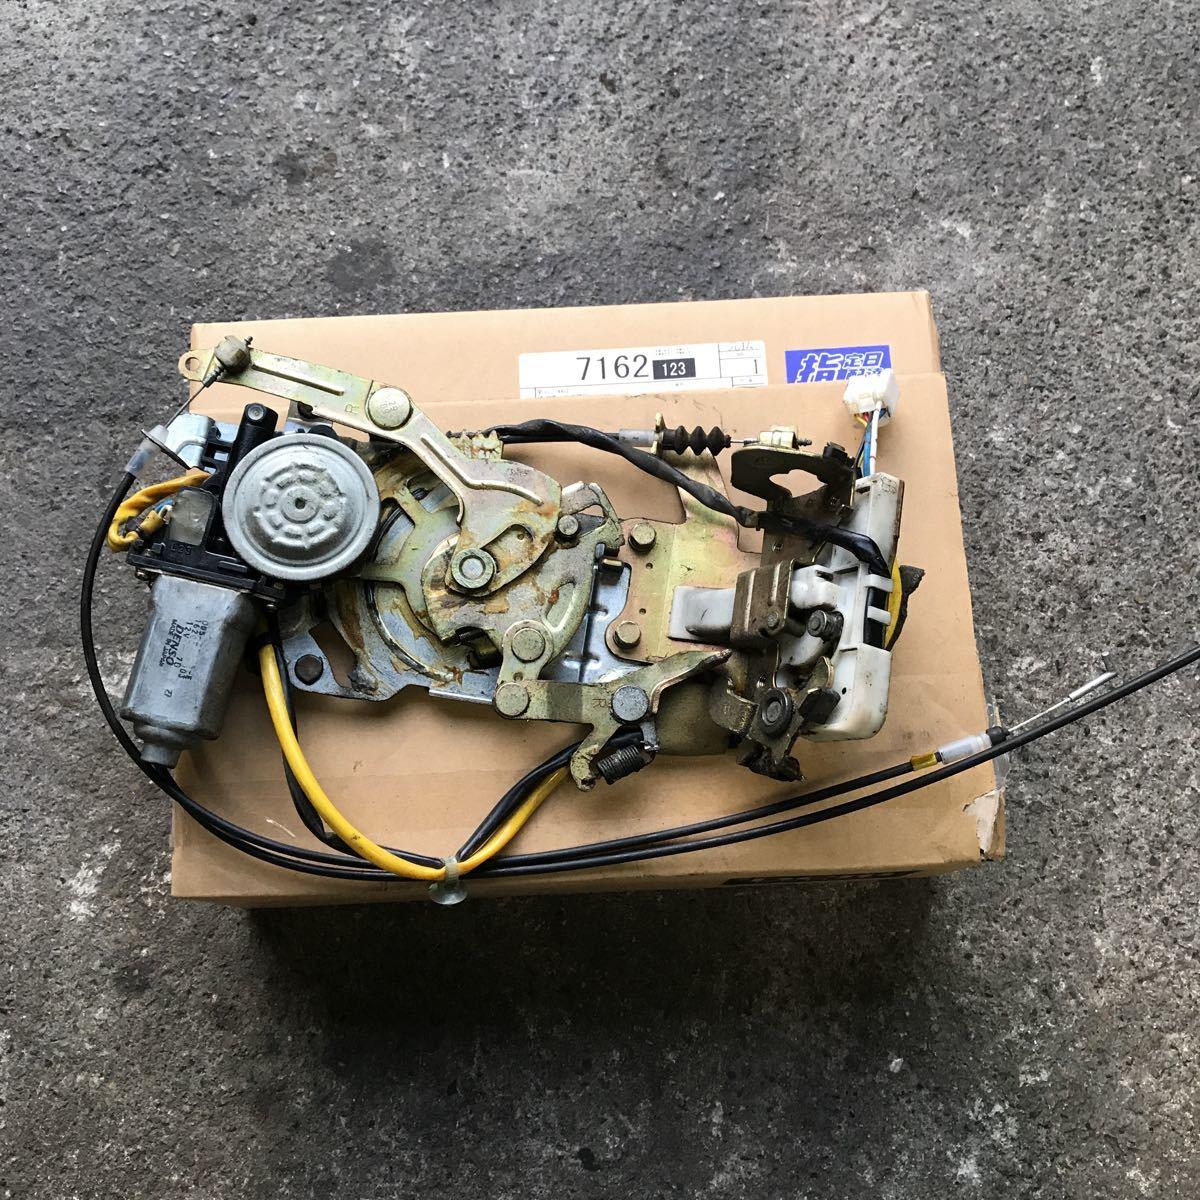 マツダ MPV LW3W 右スライド 右リア イージークローザー ドアロック アクチュエーター オートロック ソレノイド LD52-72-310_画像1